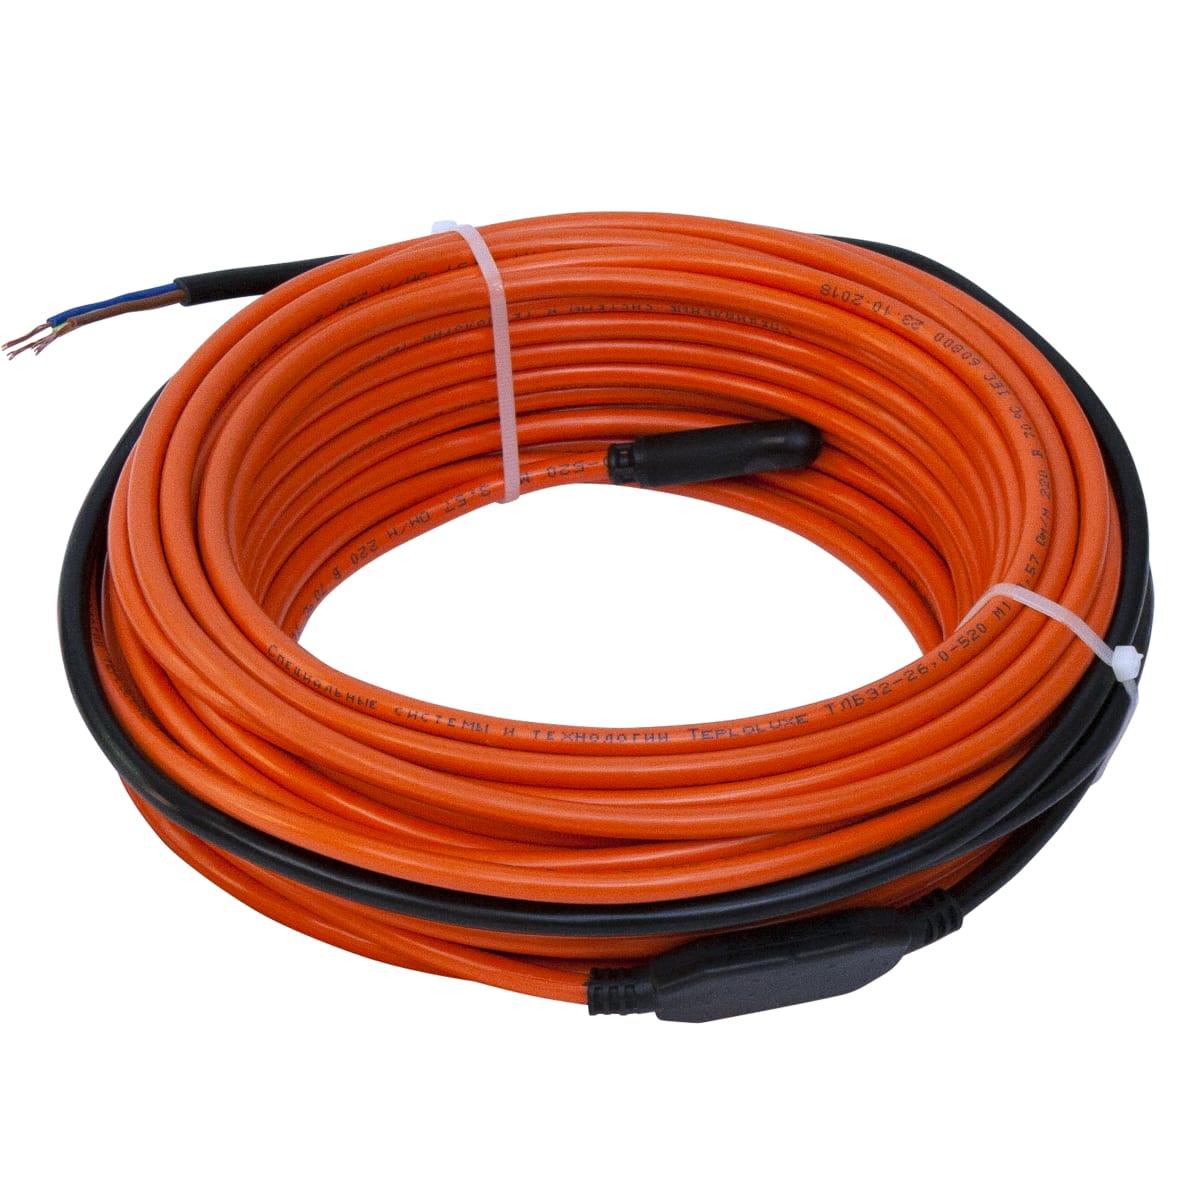 Нагревательный кабель для тёплого пола Теплолюкс 5 м, 100 Вт